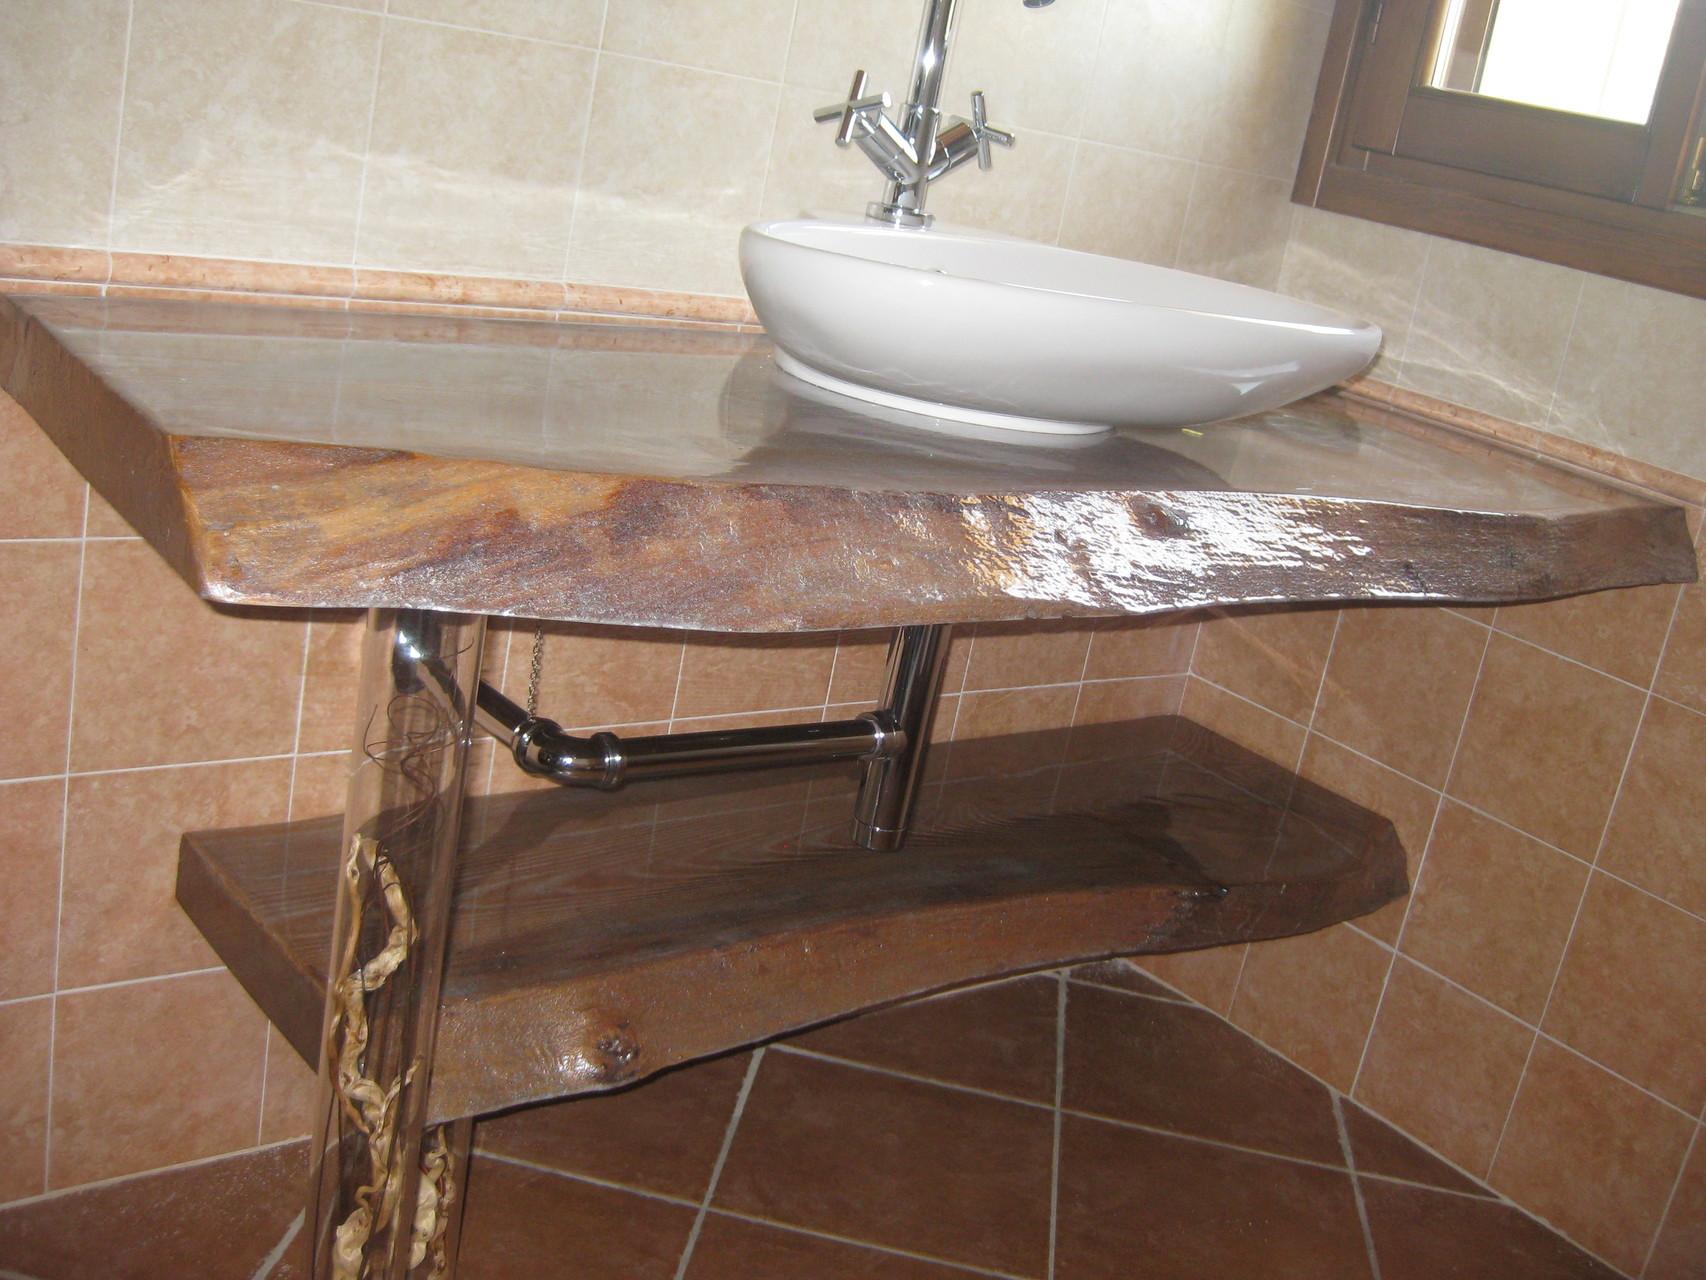 Mobili personalizzati in resina emilresina pavimenti e allestimenti in resina a scandiano - Resina per mobili ...